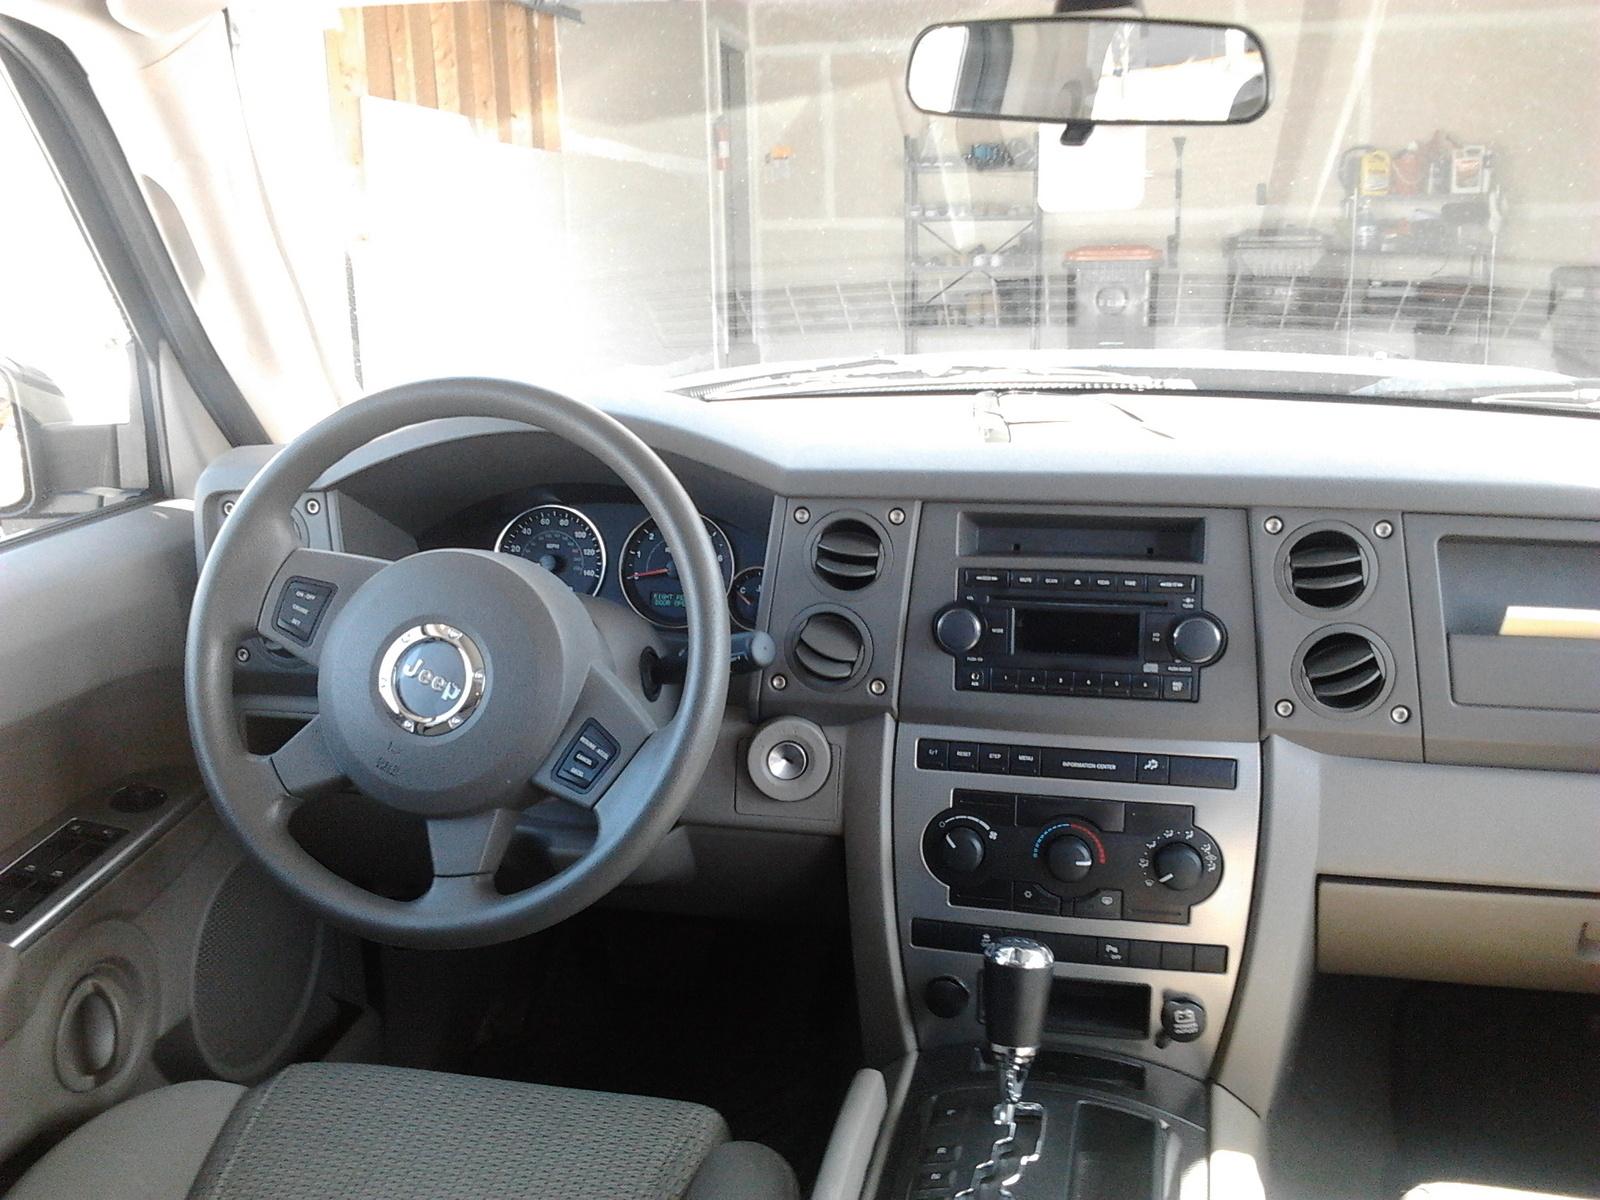 2006 Jeep Commander Interior Pictures Cargurus